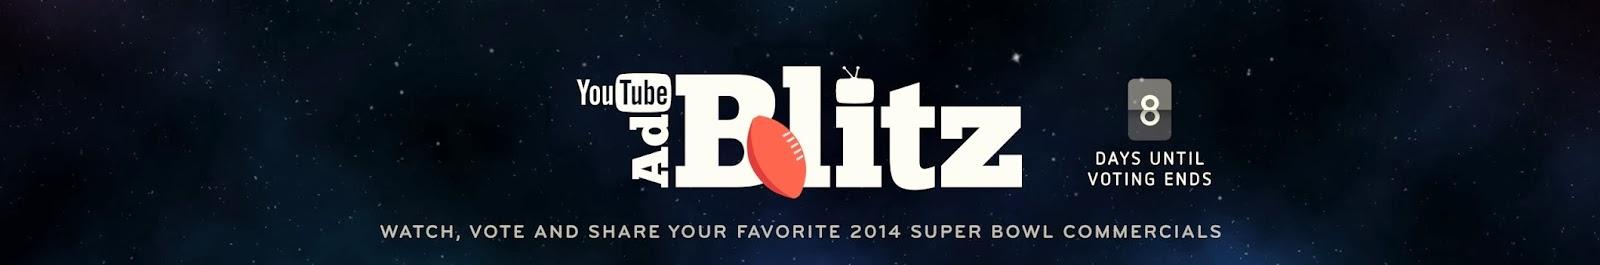 Youtube Ad Blitz: Bình Chọn Quảng Cáo Hay Nhất Trong Super Bowl 2014